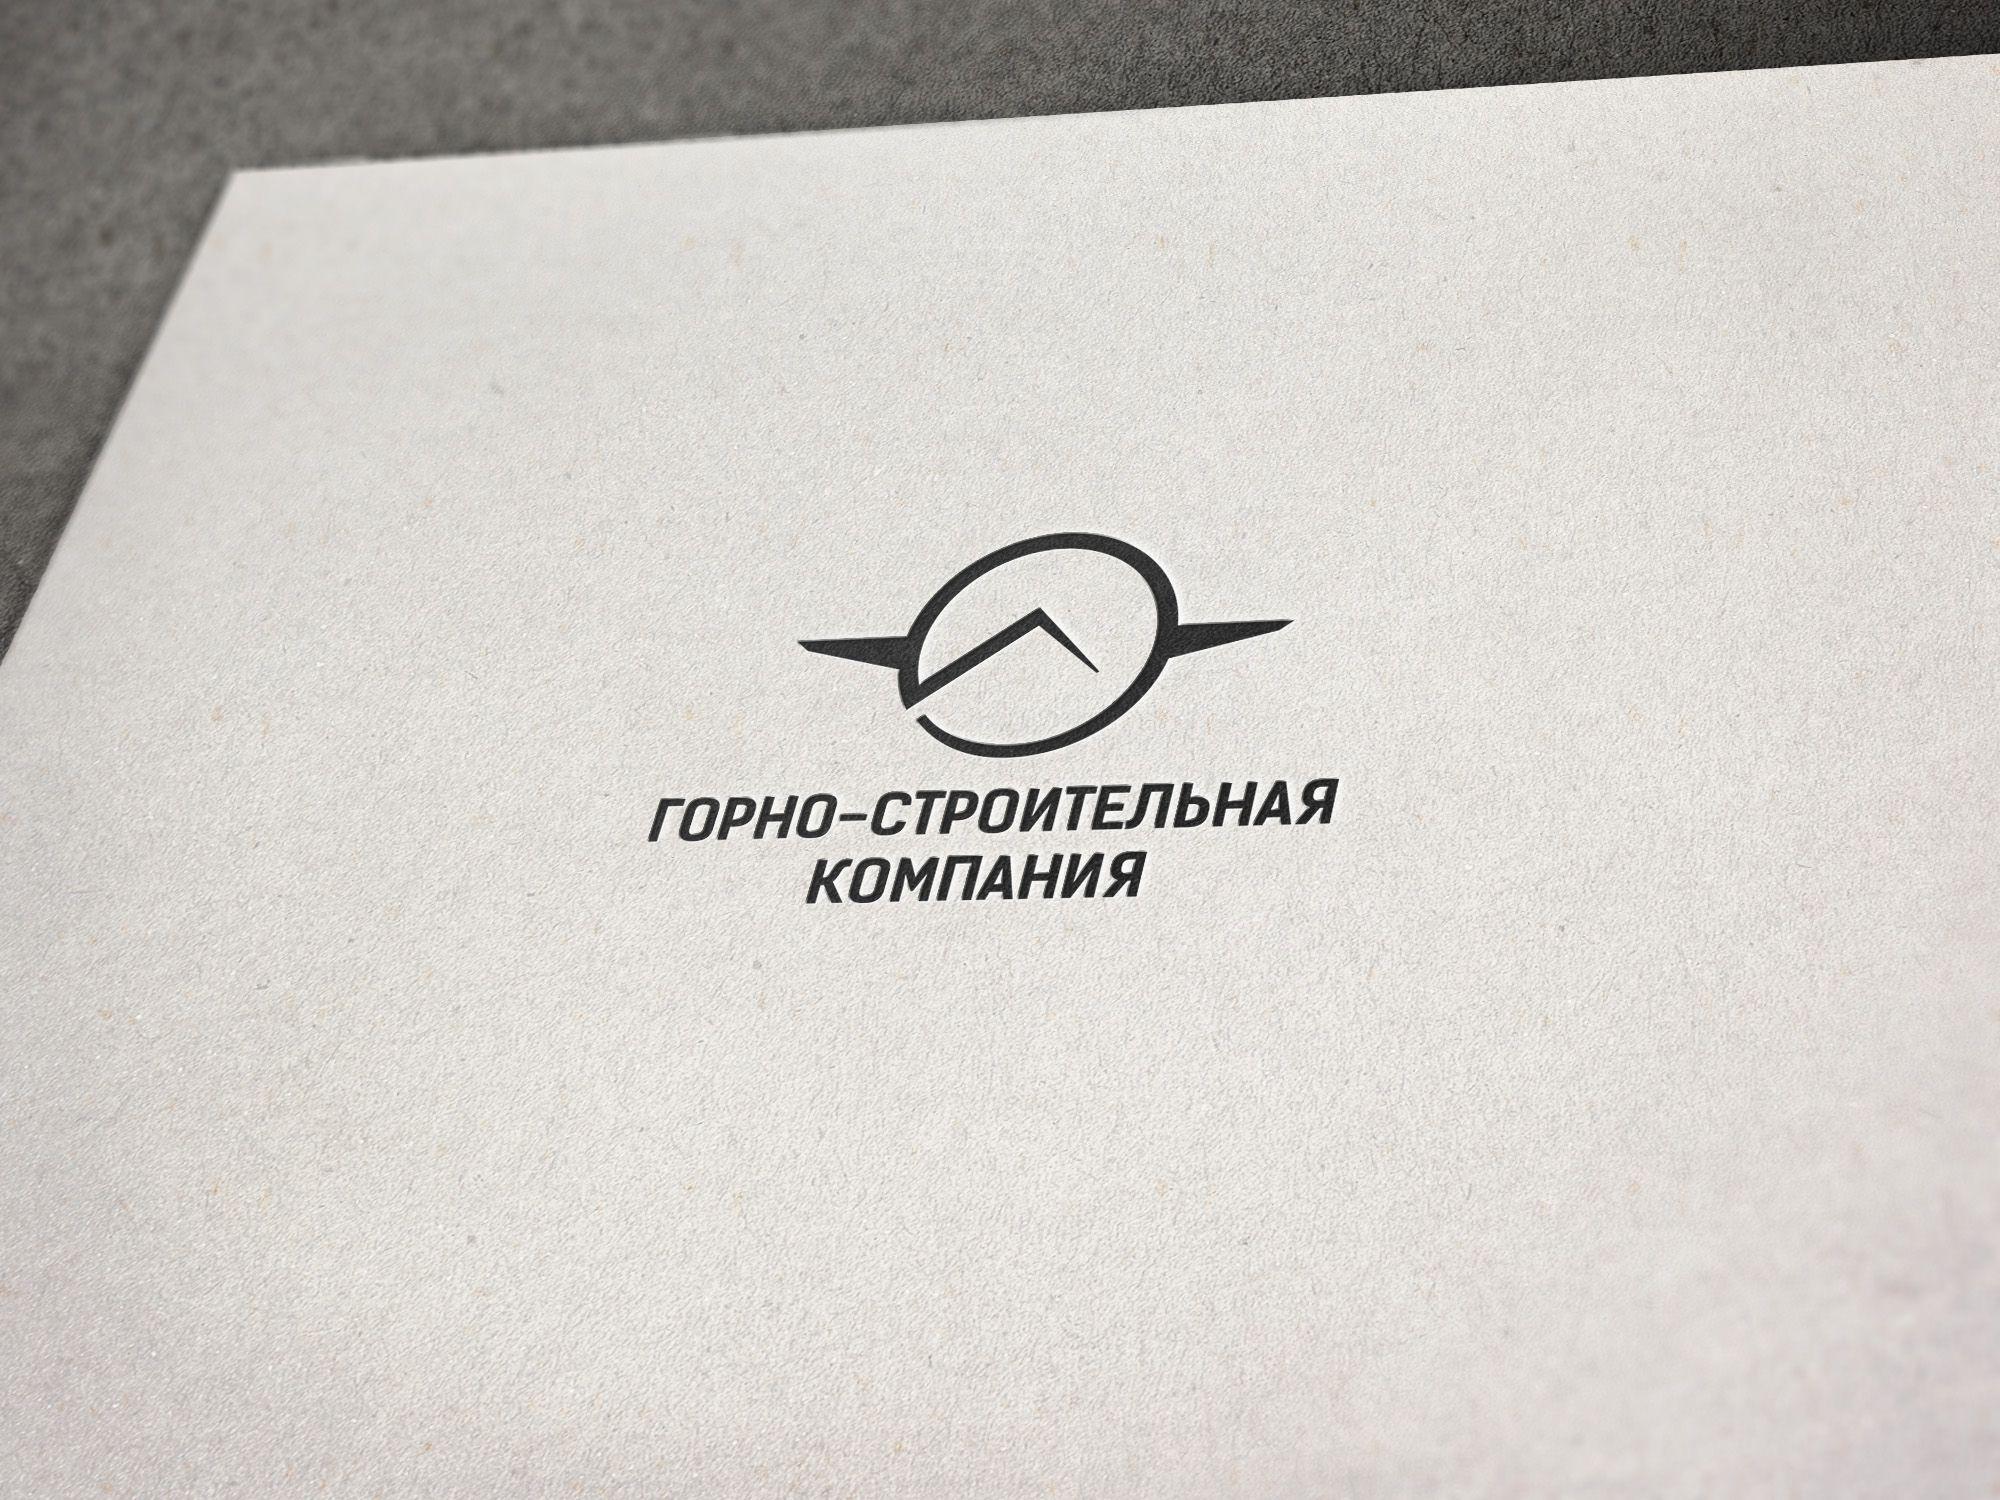 Логотип для Горно-Строительной Компании - дизайнер Martins206